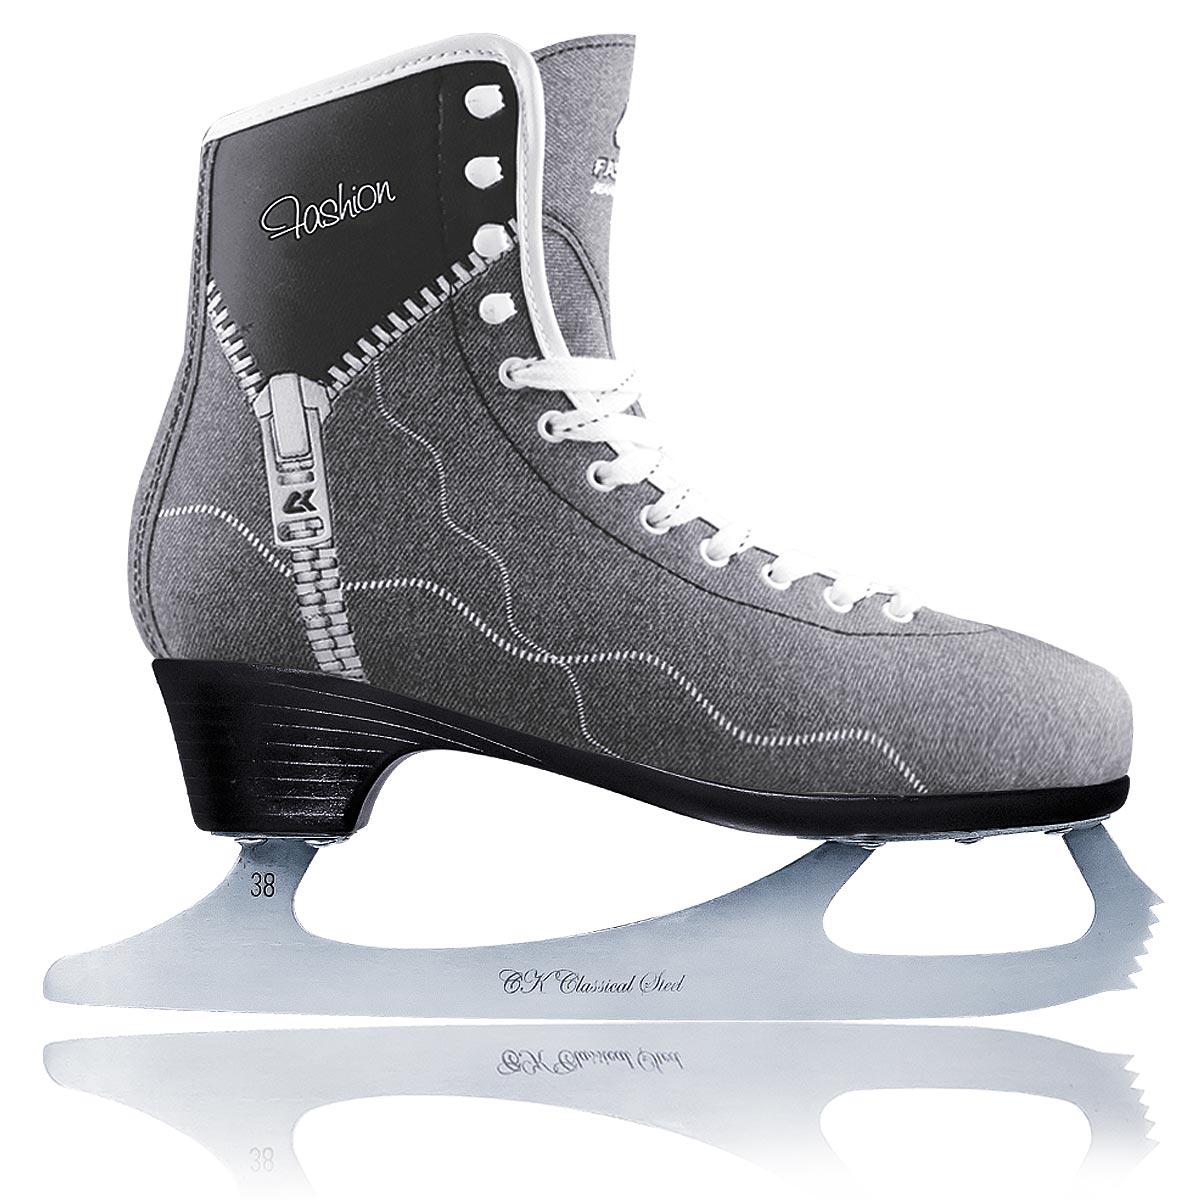 Коньки фигурные женские CK Fashion Lux Jeans, цвет: серый, черный. Размер 40FASHION LUX jeans_серый, черный_40Фигурные коньки от CK Fashion Lux Jeans идеально подойдут для любительского катания. Модель с высокой, плотной колодкой и усиленным задником, обеспечивающим боковую поддержку ноги, выполнена из синтетического материала на виниловой основе. Внутренняя поверхность отделана искусственным мехом. Анатомический язычок из войлока идеально облегает стопу и повышает комфорт. Стелька из упругого пенного полимерного материала EVA предназначена для быстрой адаптации ботинка к индивидуальным формам ноги и ее комфортного положения. Ботинок обеспечивает комфорт и устойчивость ноги, правильное распределение нагрузки, сильно снижает травмоопасность. Ботинок полностью обволакивает ногу, обеспечивает прочную и удобную фиксацию ноги, а также повышенную защиту от ударов. Модель фиксируется на ноге классической шнуровкой. Лезвие выполнено из нержавеющей стали, оно обладает высокой твердостью и долго держит заточку. Подошва Graceful обладает элегантным дизайном, повышенной твердостью и пониженным весом. Более высокий каблук делает ногу более изящной и стройной, а также повышает управляемость и маневренность конька.